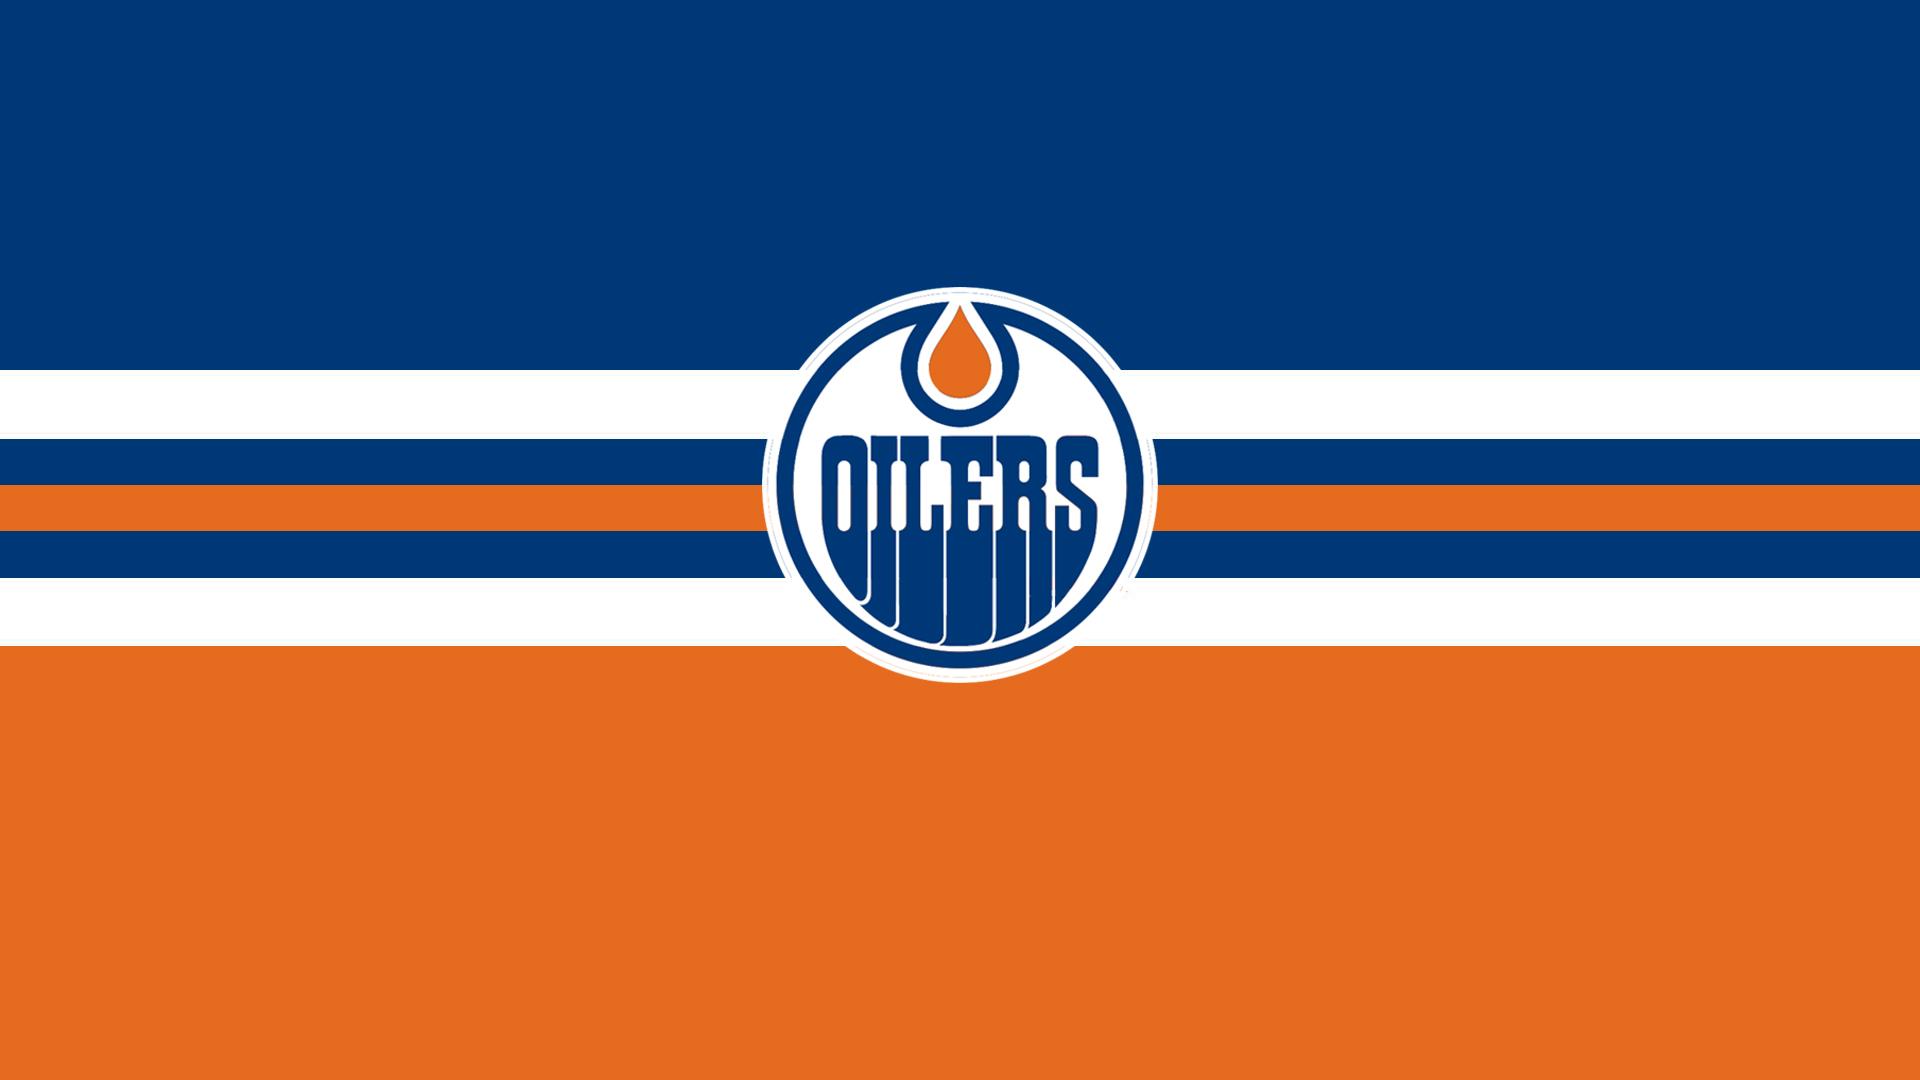 Oilers-simple